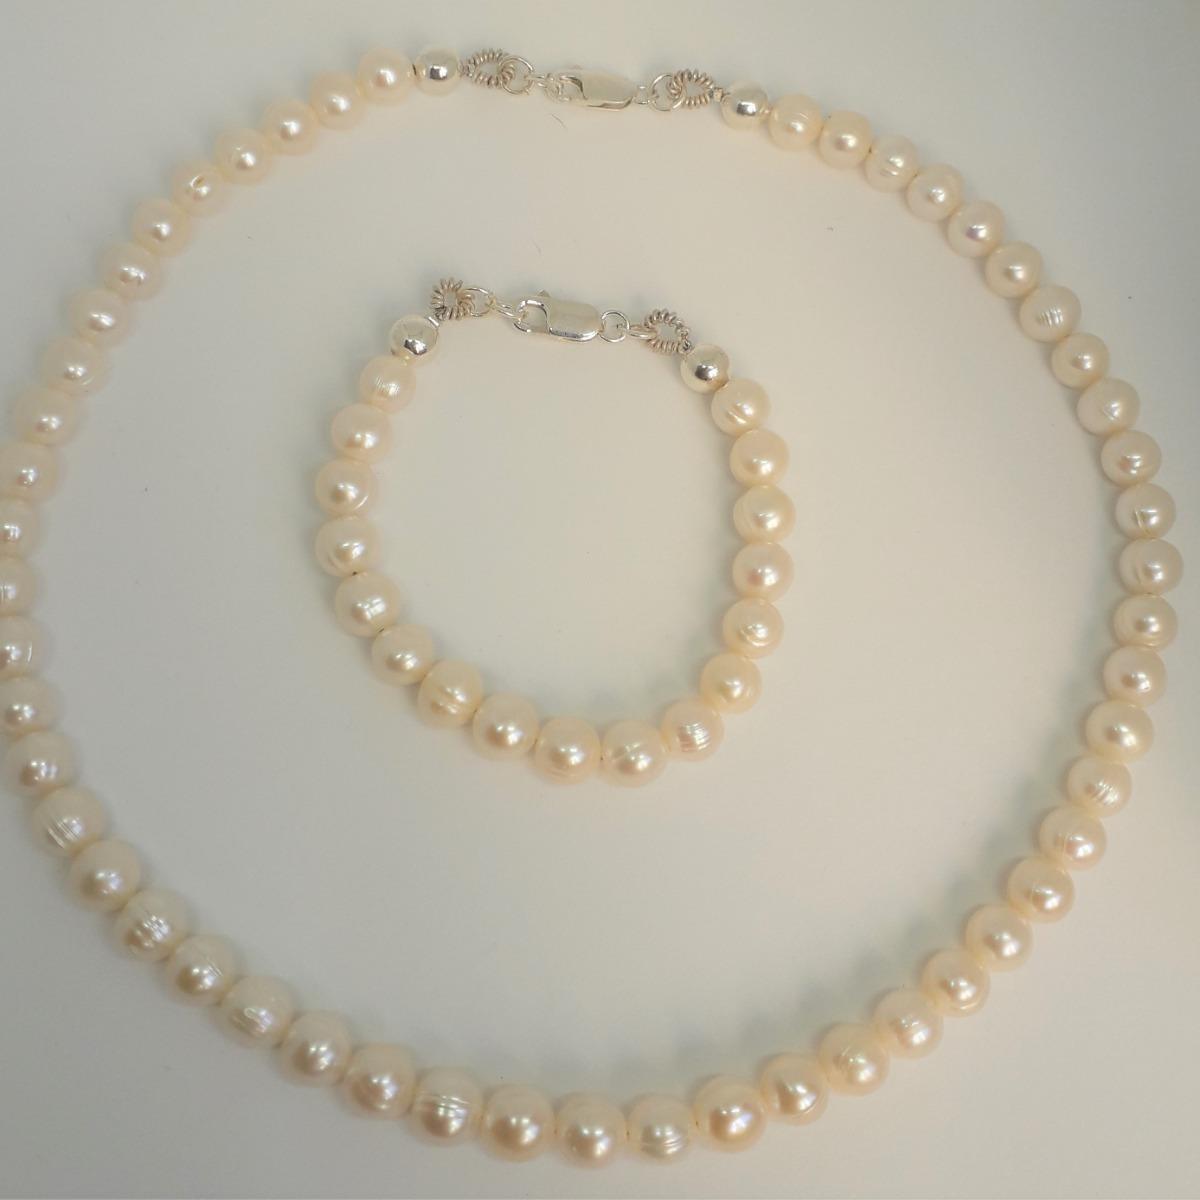 83bacc029900 perlas naturales cultivada plata 925 collar+pulsera+aros. Cargando zoom.